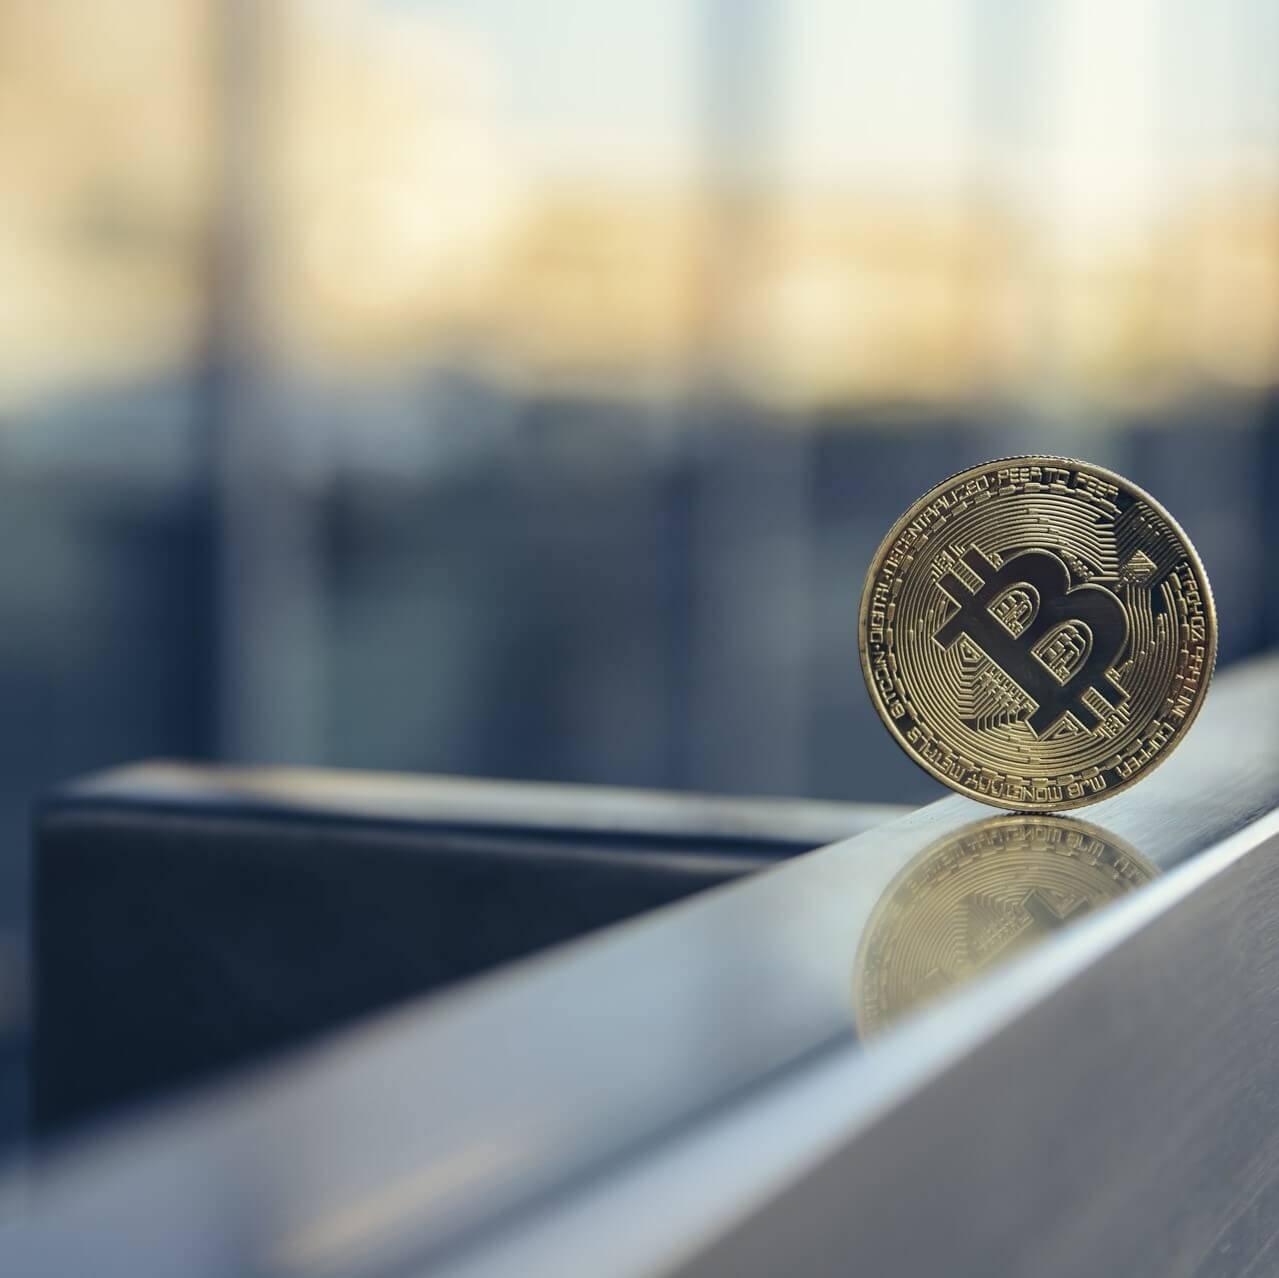 trova prove di illecito finanziario bitcoin con reputationup